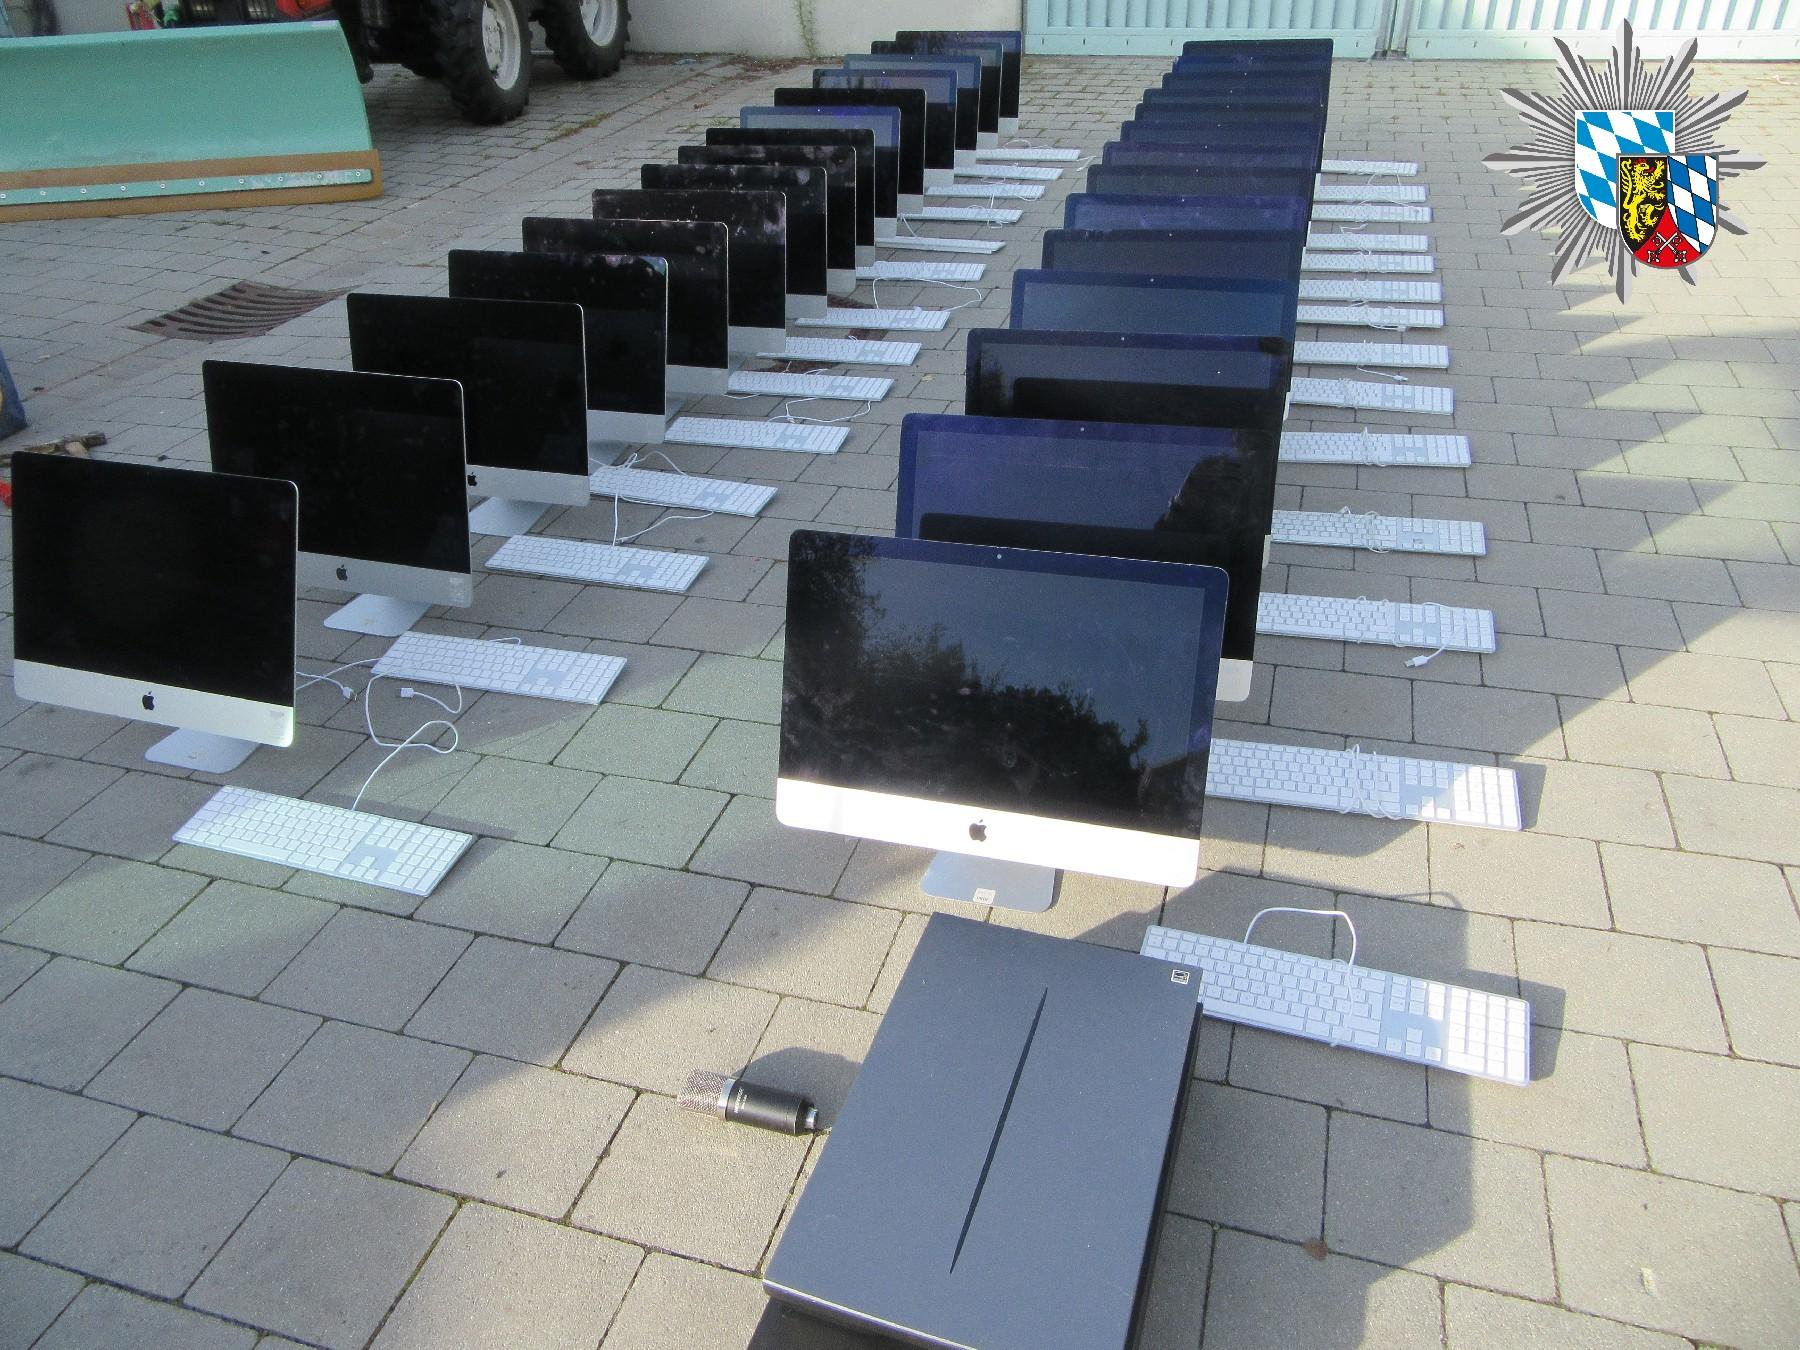 Waidhauser Grenzpolizei stellt gestohlene iMacs im Wert von über 60.000 Euro sicher